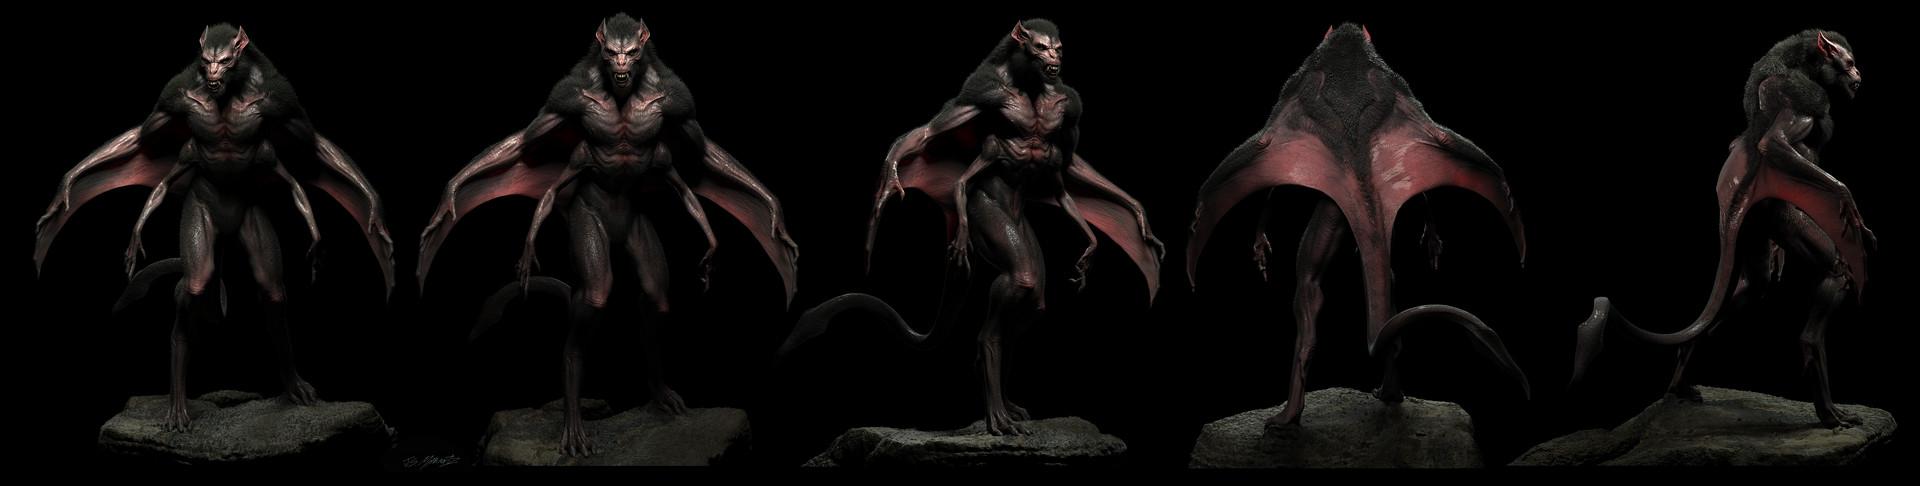 Jerx marantz bat creature conceptart workshop sprex hair